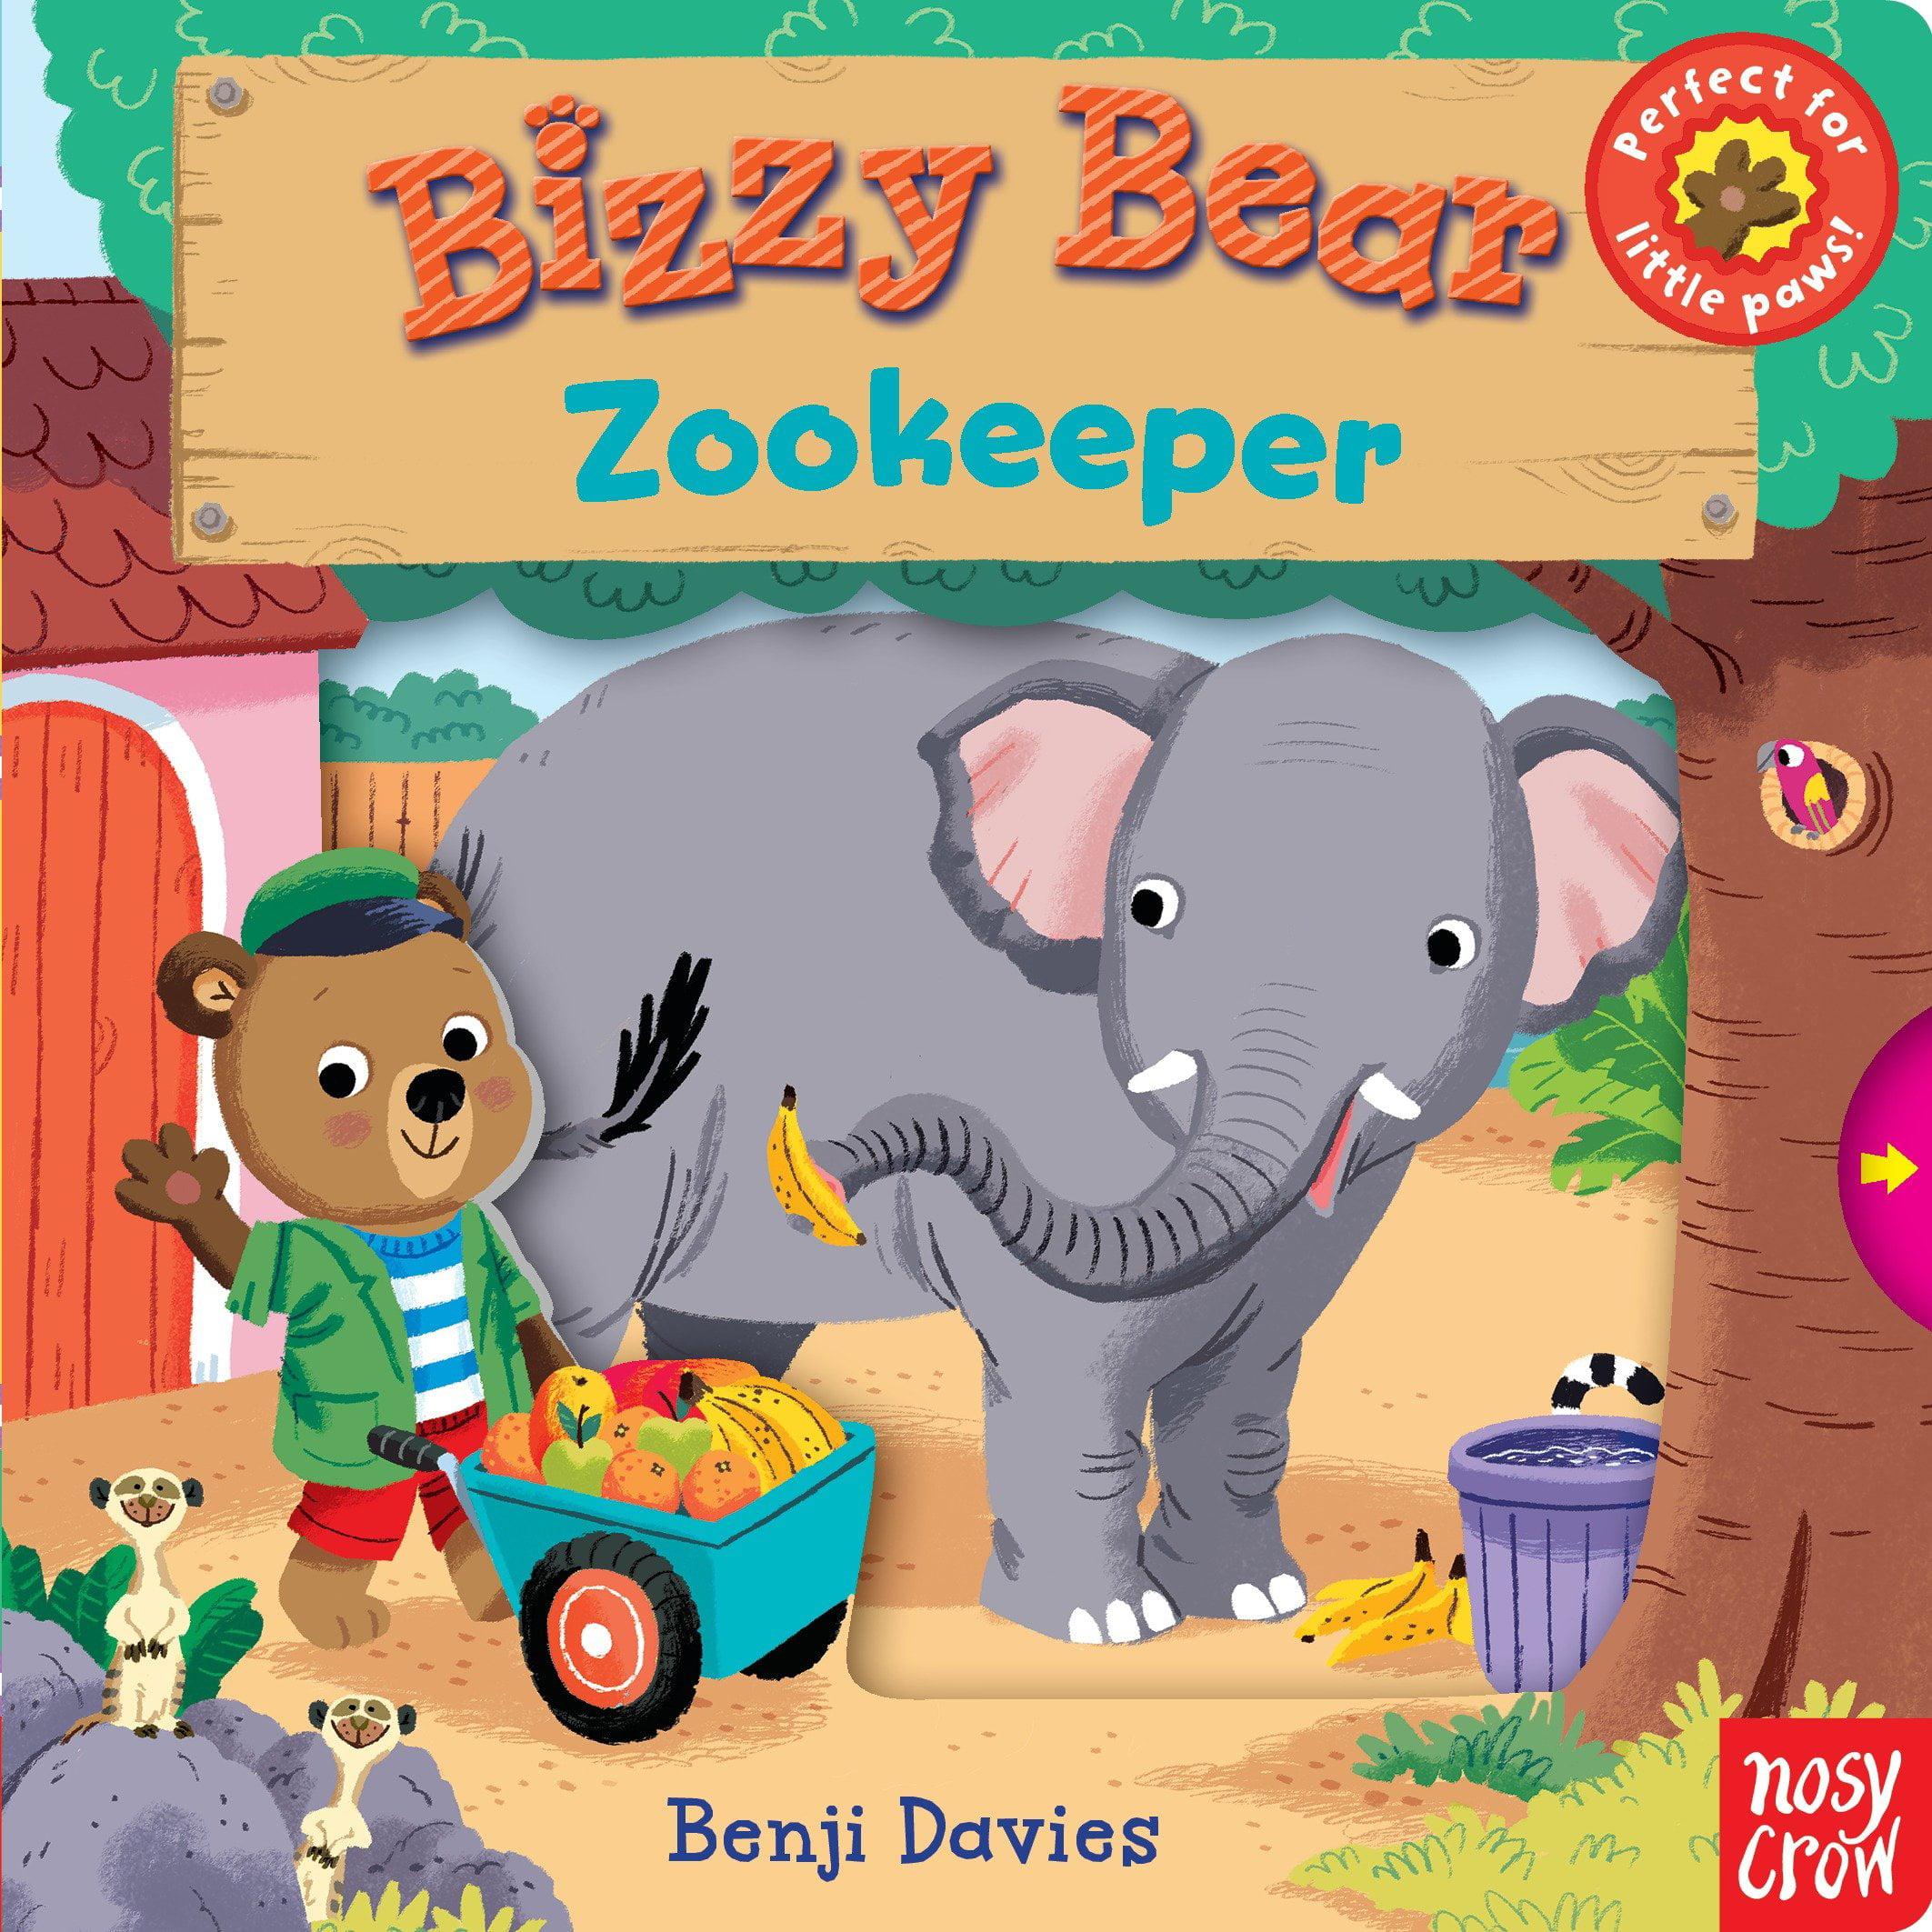 Bizzy Bear: Zookeeper (Board Book)